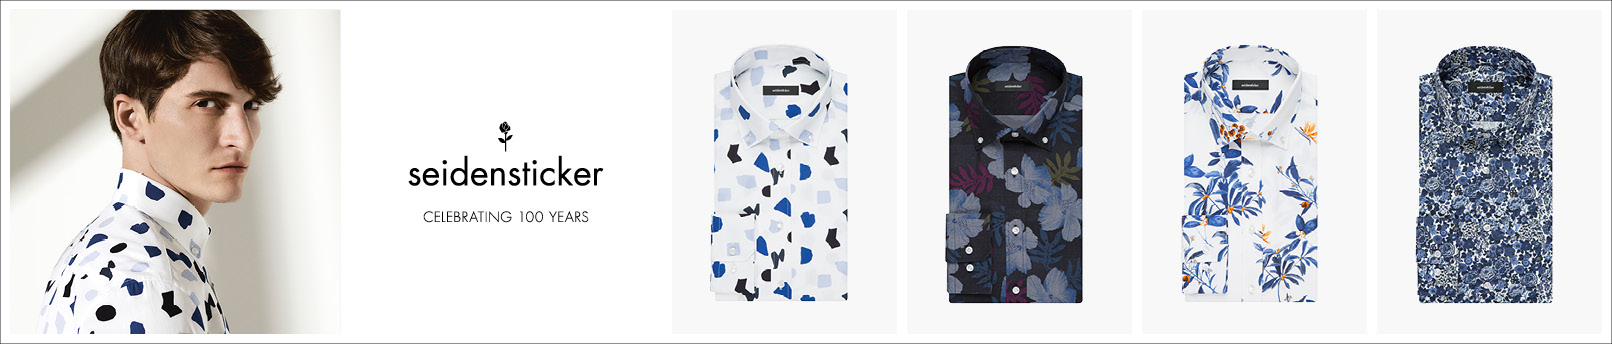 Overhemd Kopen Heren.Heren Overhemden Online Kopen Zalando